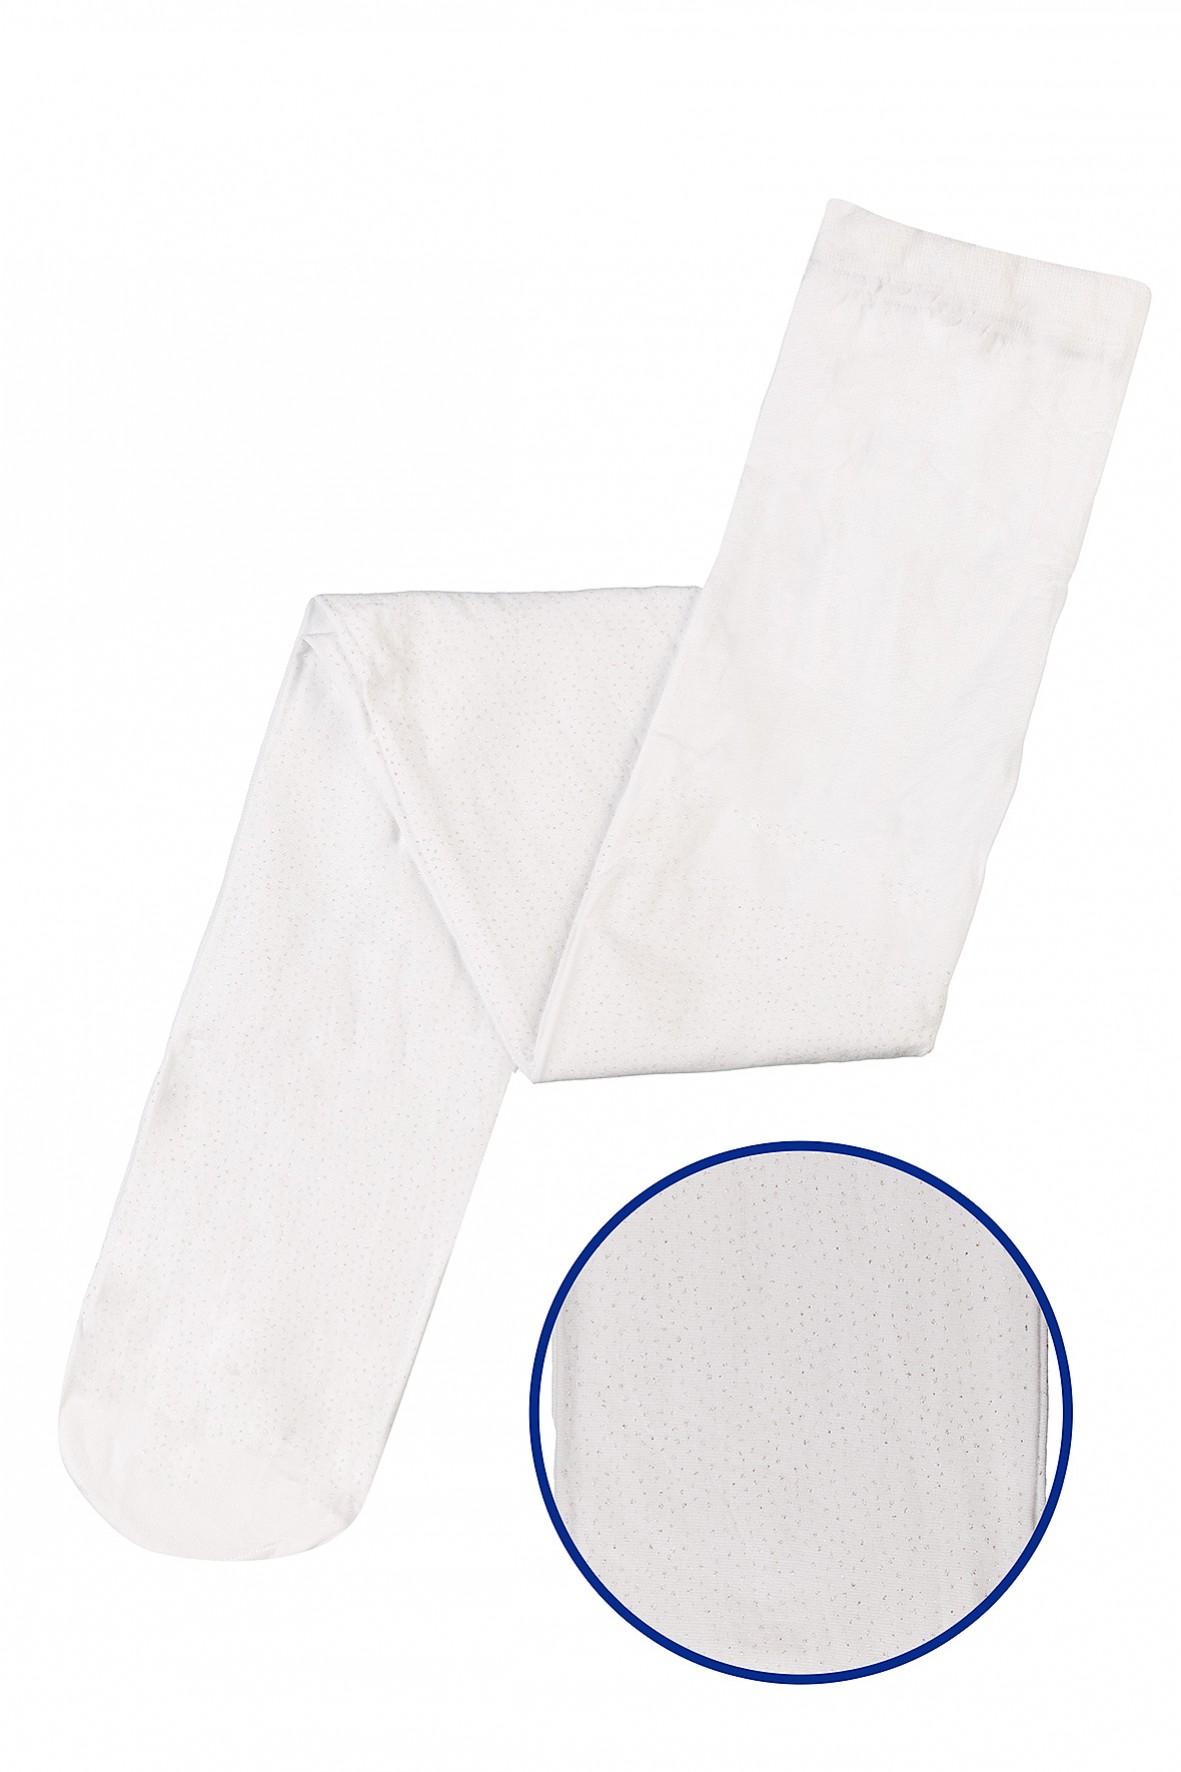 Białe-cienkie rajstopki dla dziewczynki